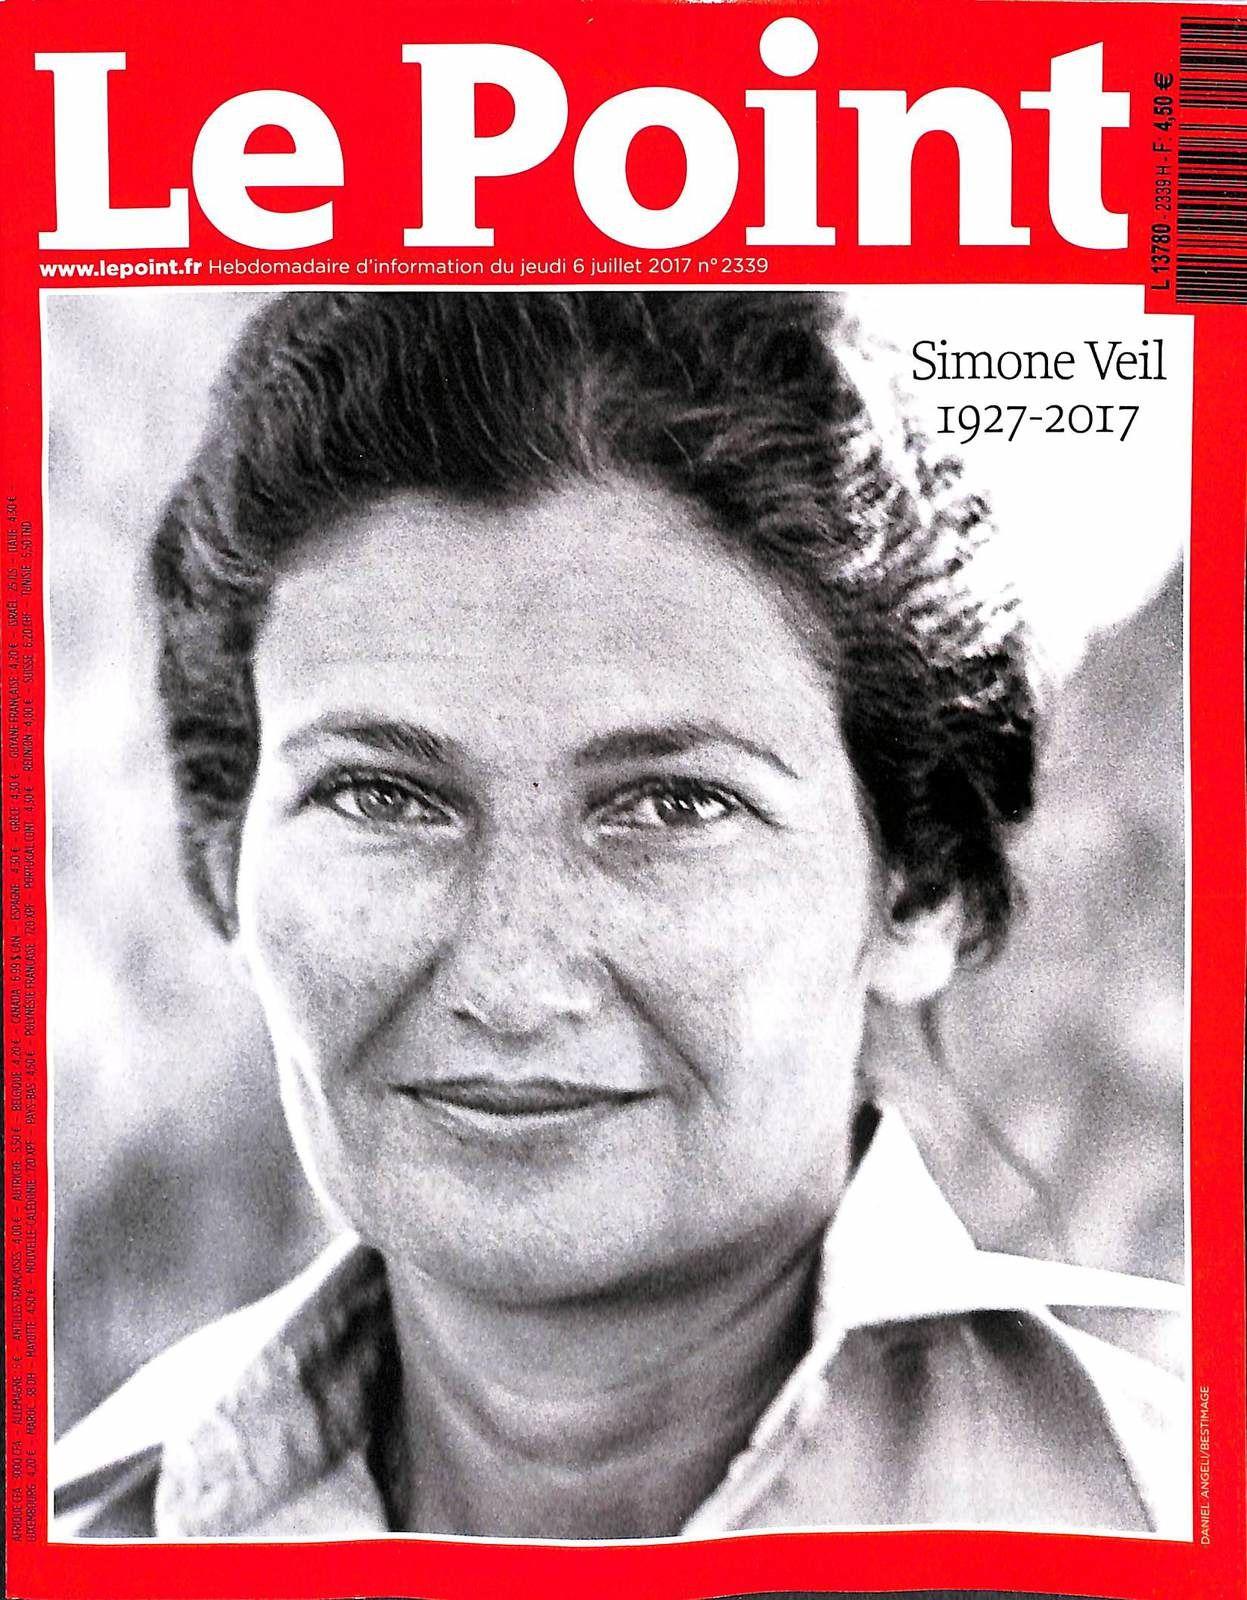 Les hebdomadaires presse rendent hommage à Simone Veil (Mis à jour).